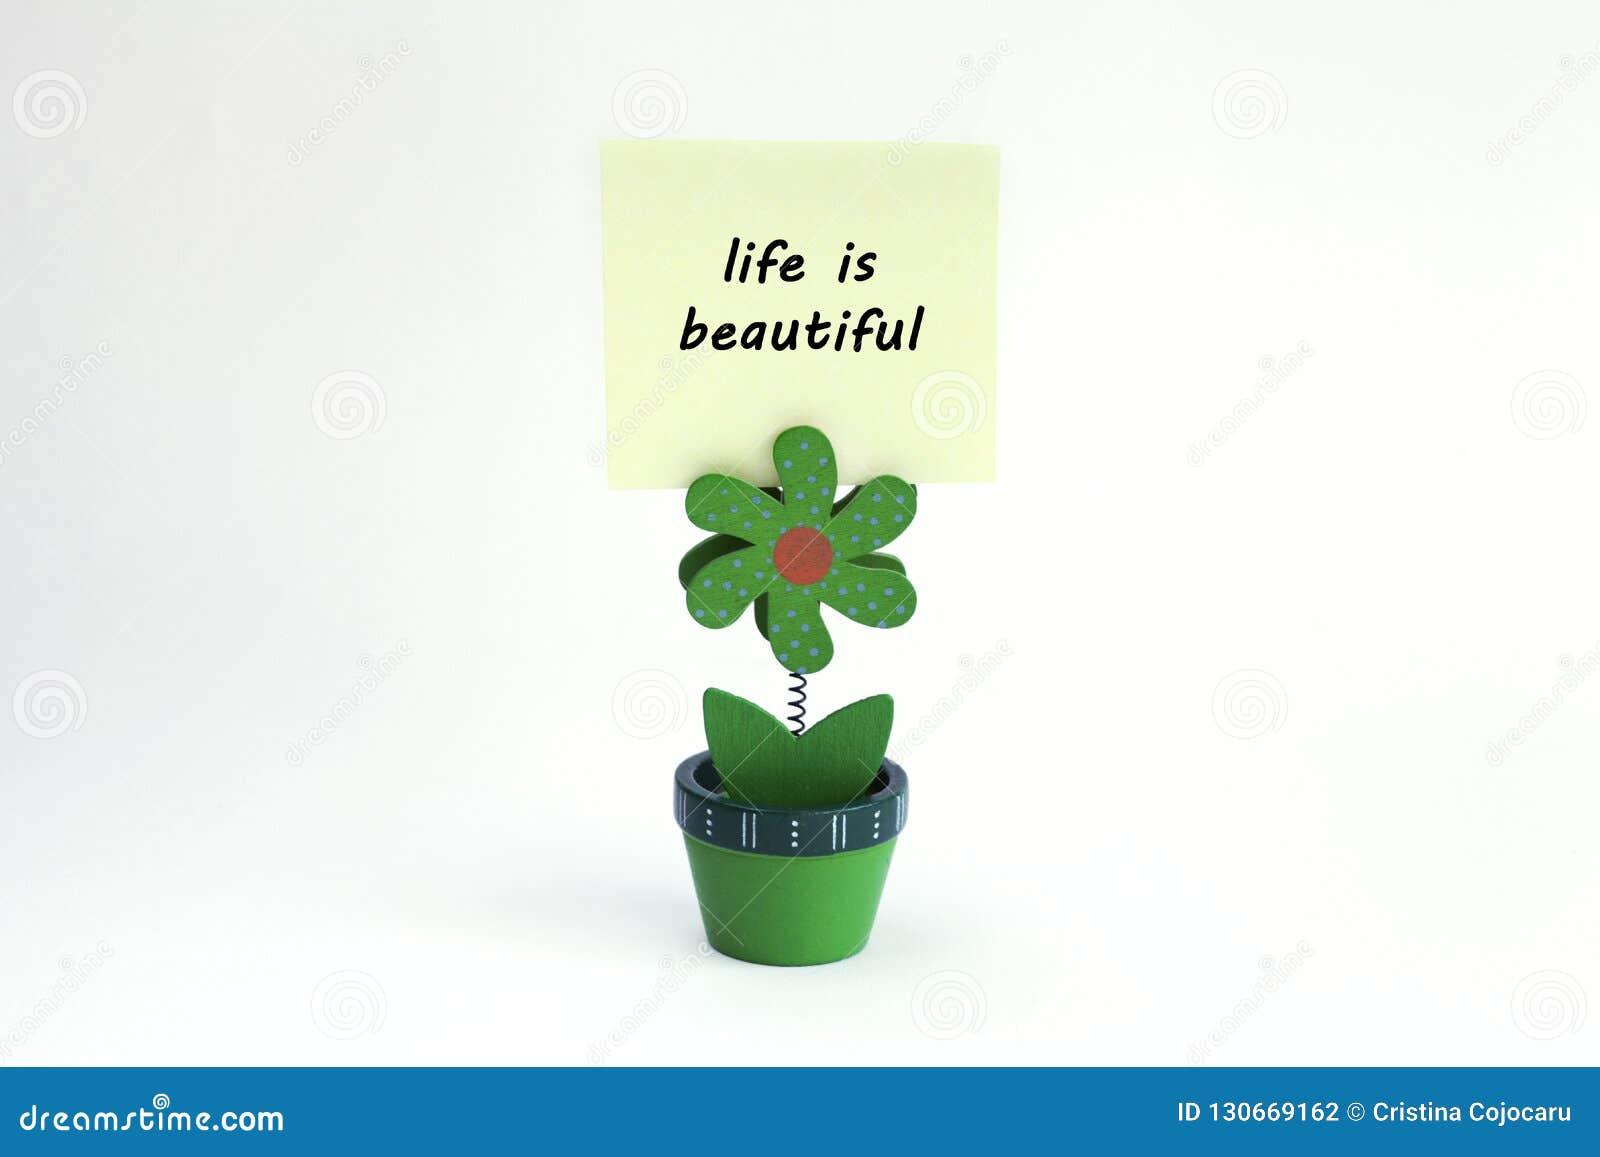 Blumenfotoclip mit dem Leben ist die schöne Mitteilung, die auf Post-It geschrieben wird